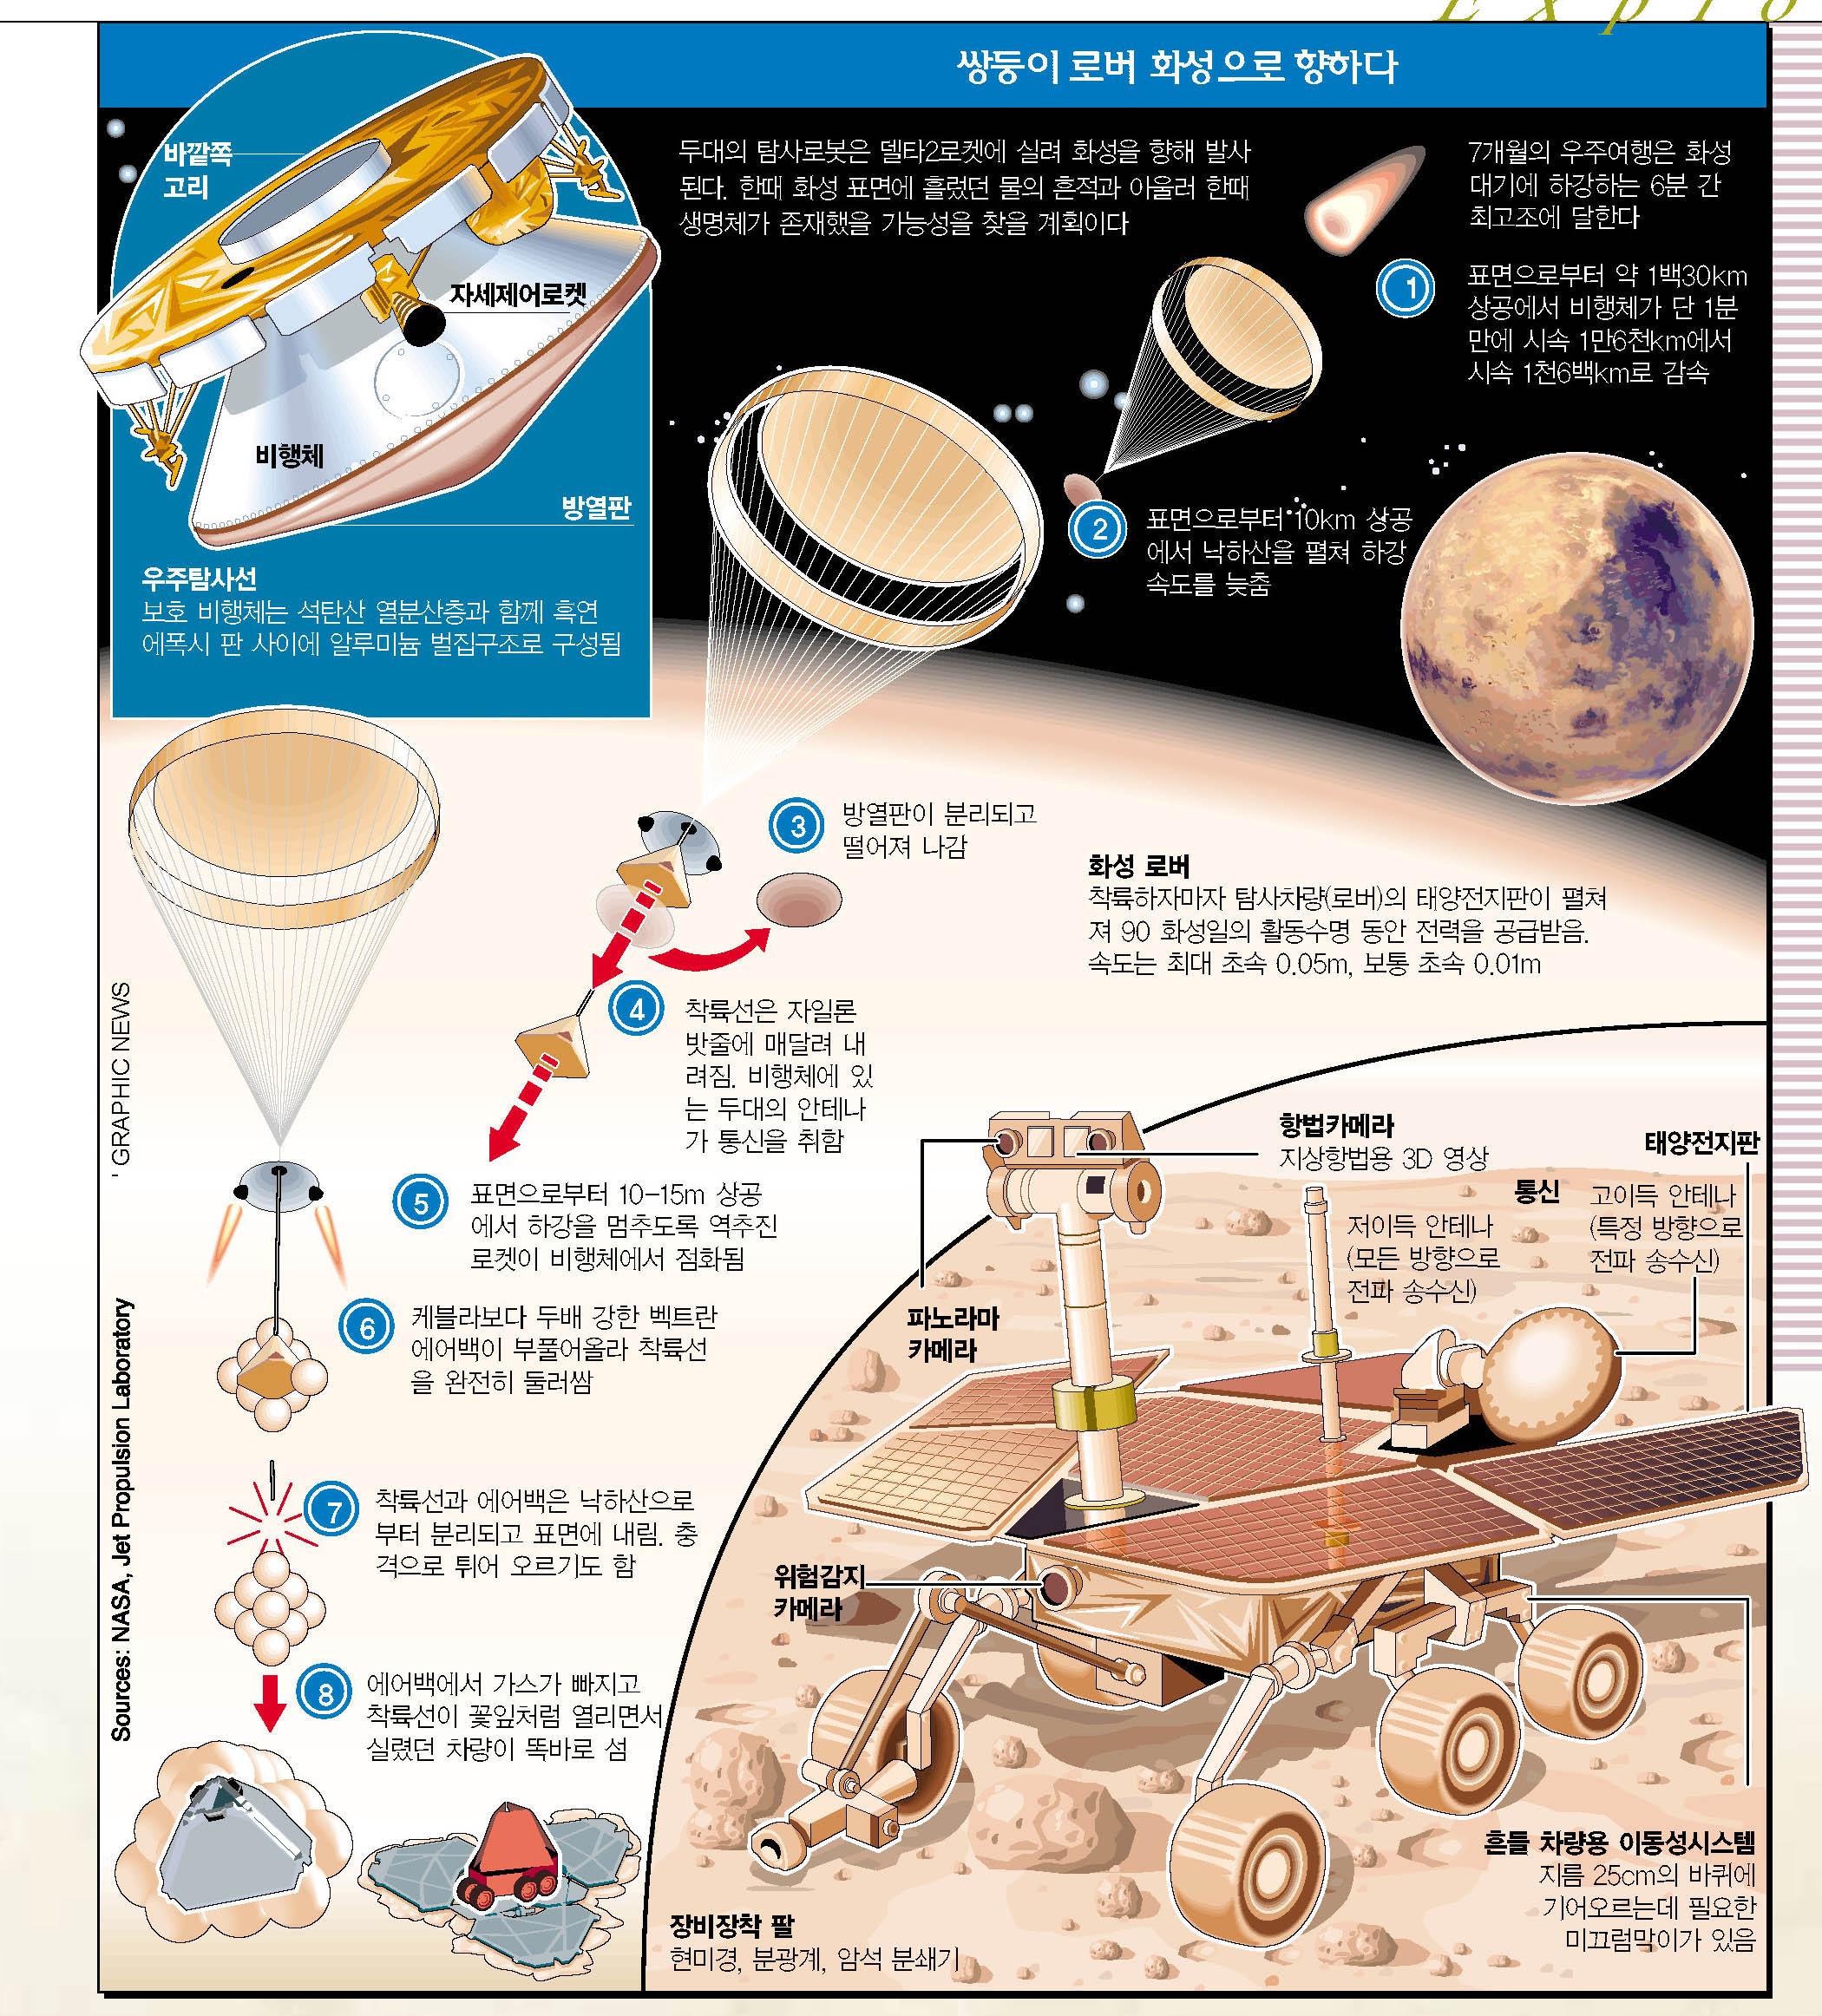 쌍둥이 로버 화성으로 향하다